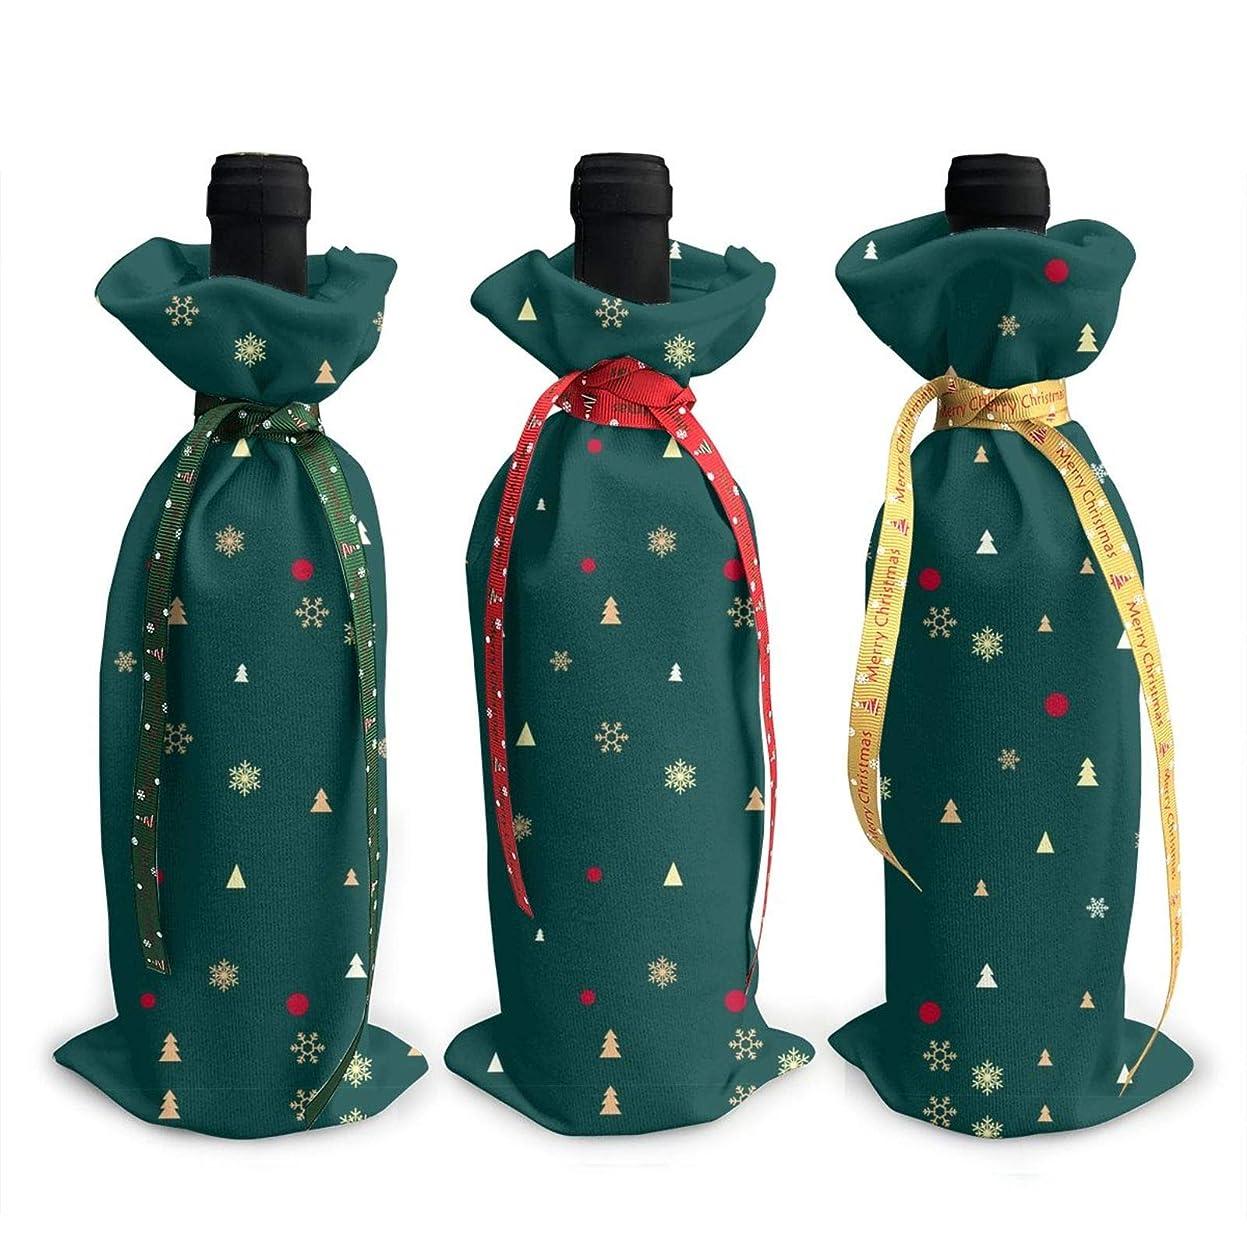 庭園城アークメリークリスマス 赤 ワインボトルジャケット(3パック)クリスマス ギフトバッグ ワインボトルドレスセット 幅x高さ:12x34cm。